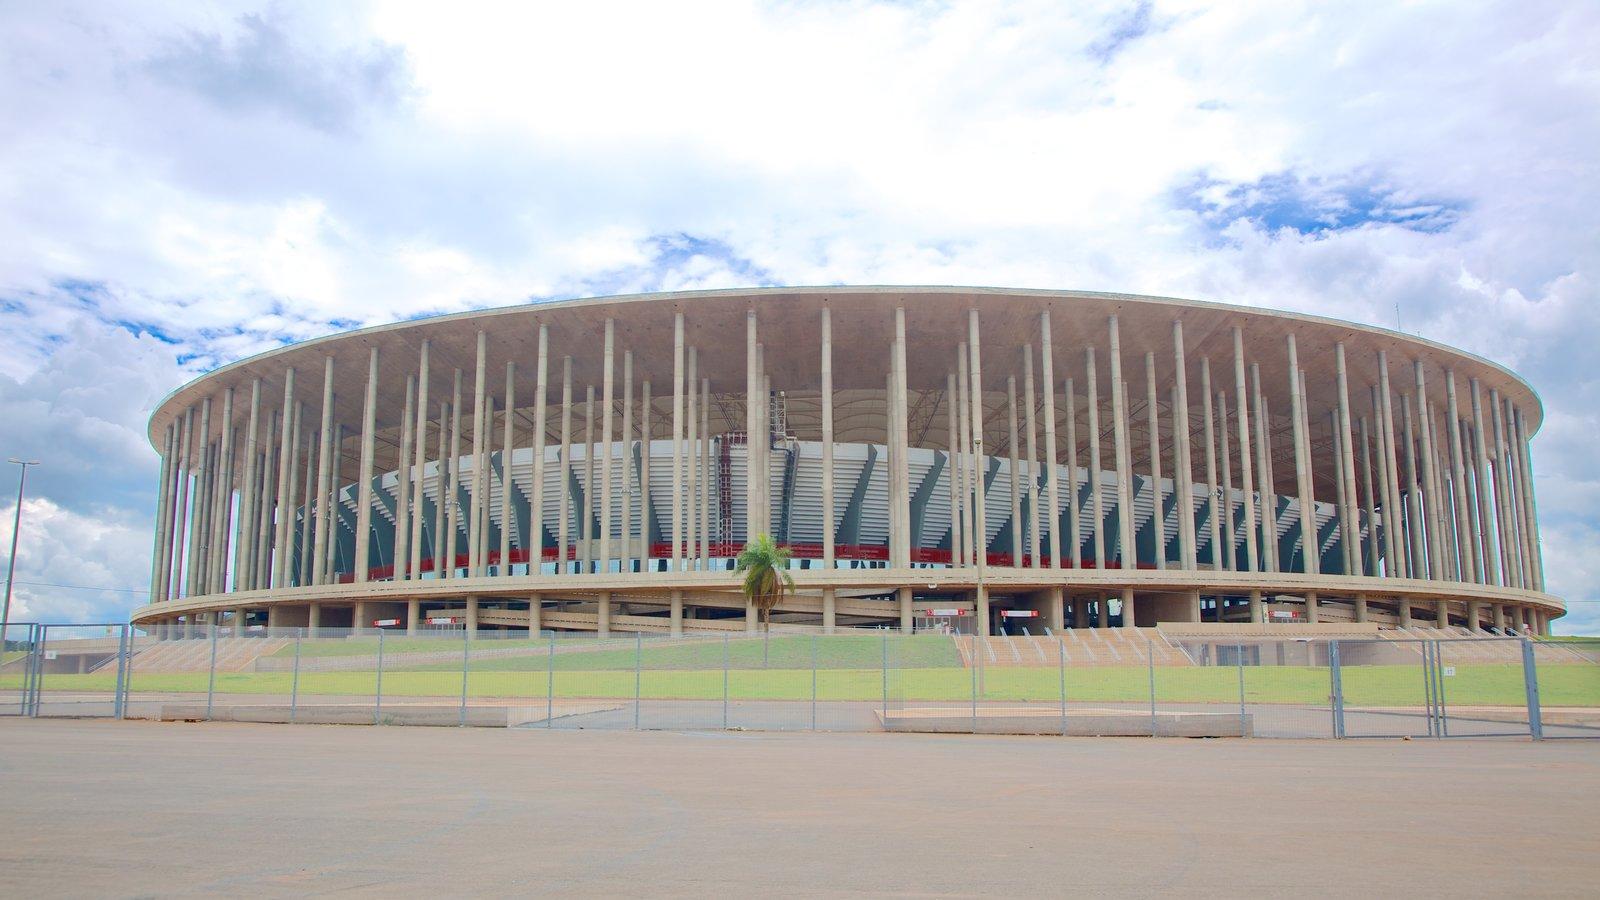 Estádio Mané Garrincha caracterizando arquitetura moderna